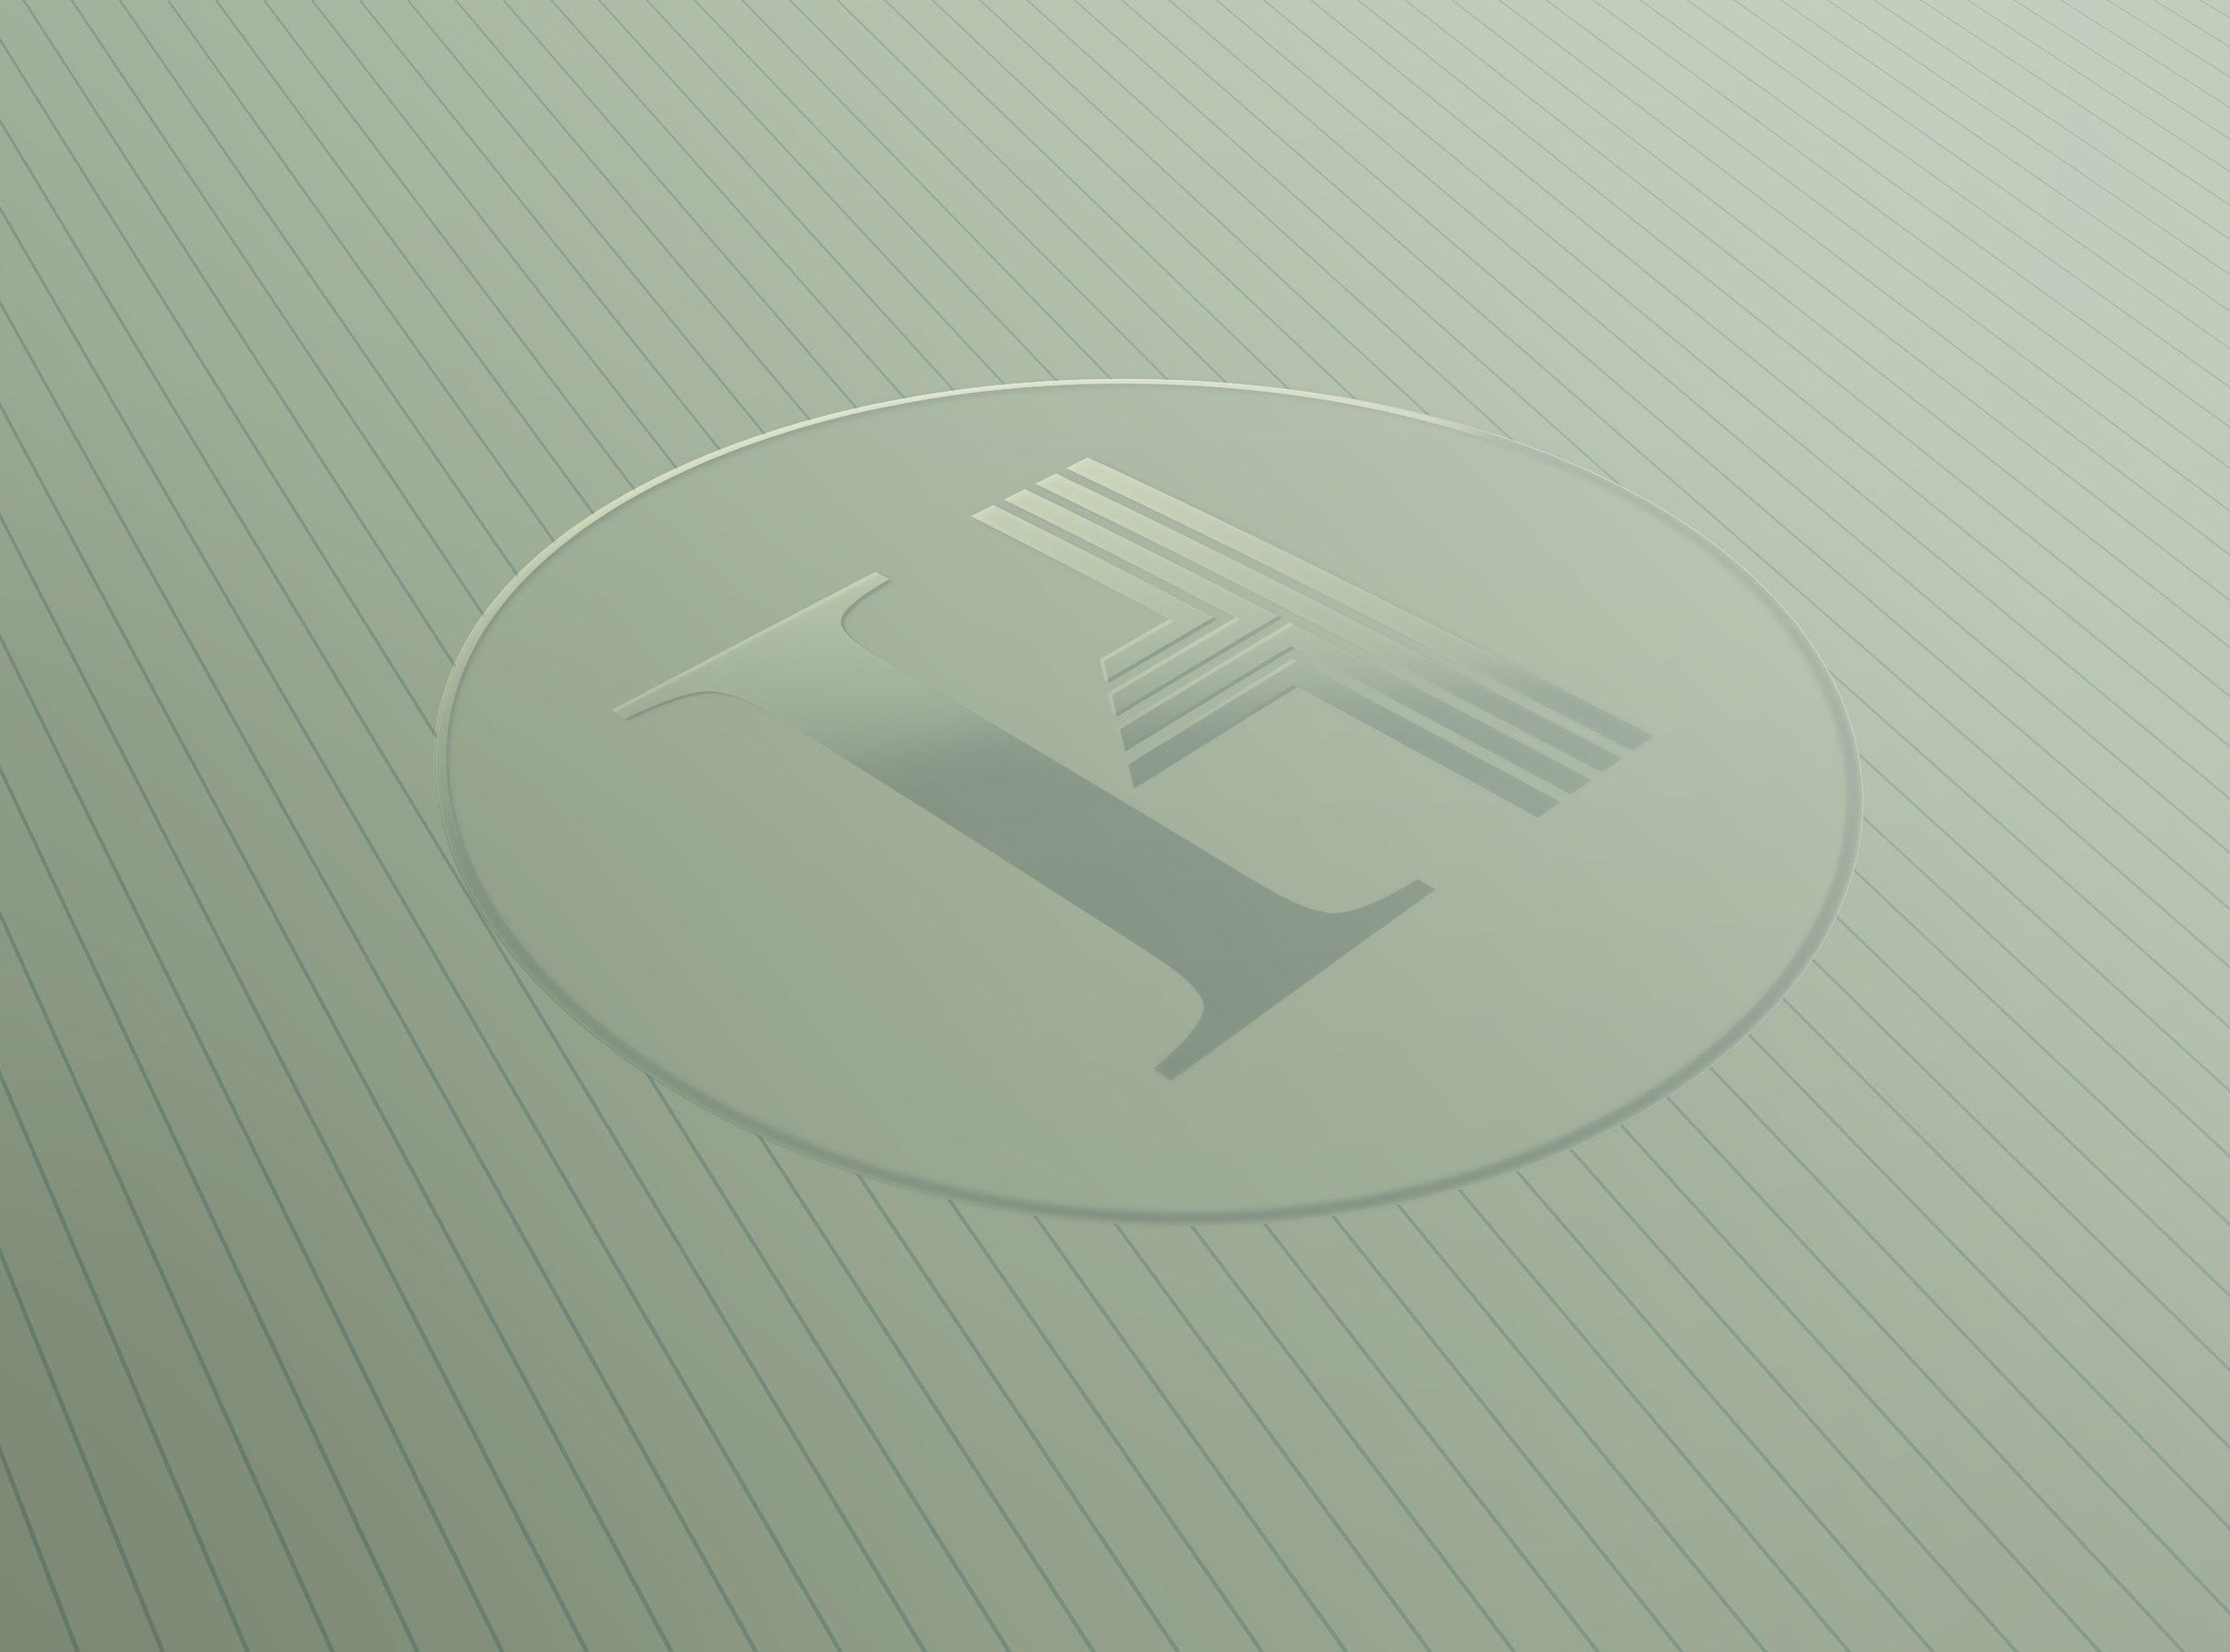 cover-logo-icon.jpg